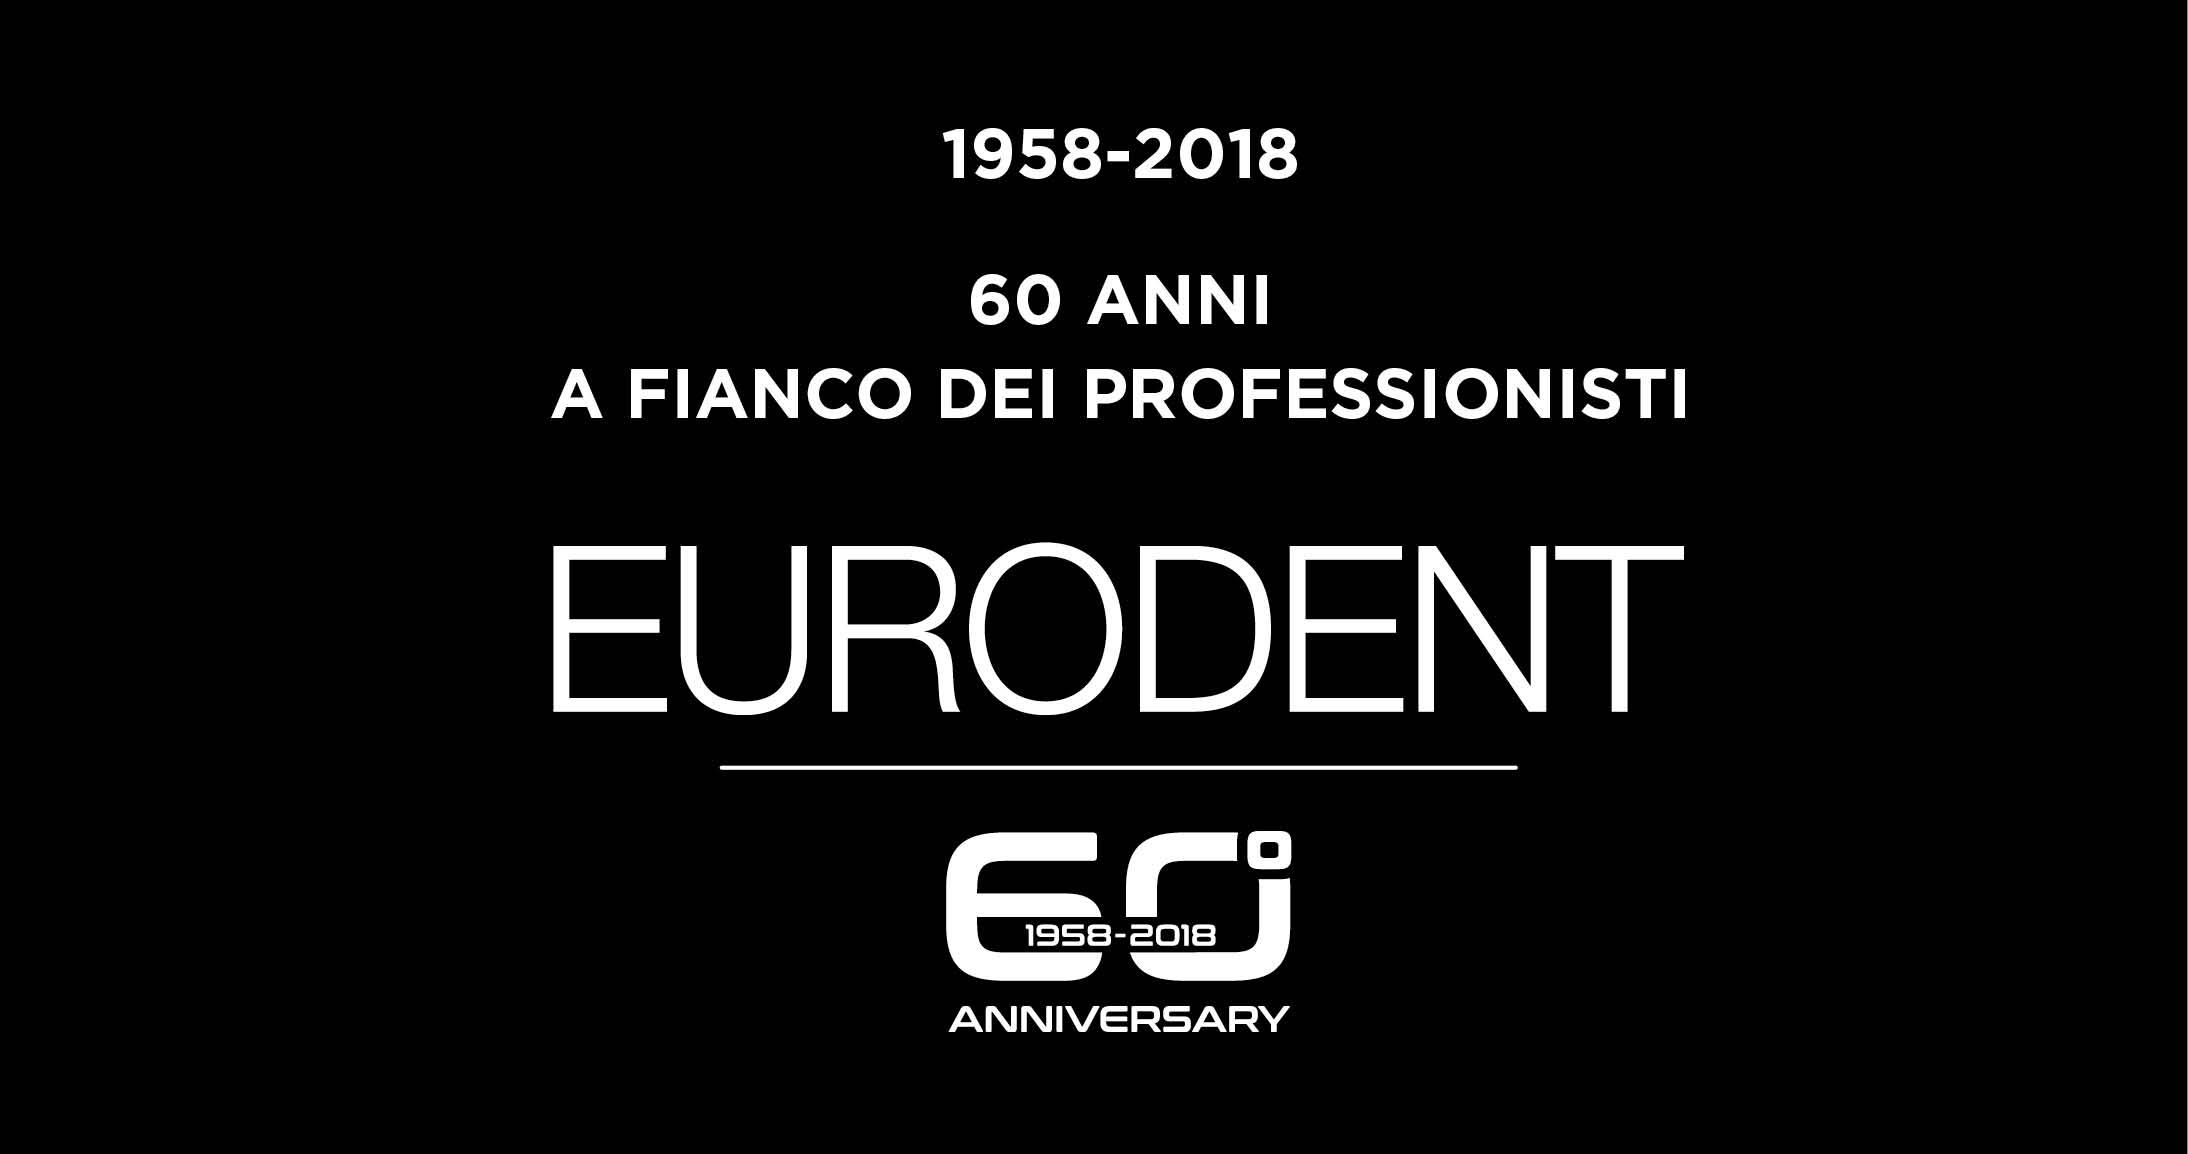 Eurodent News